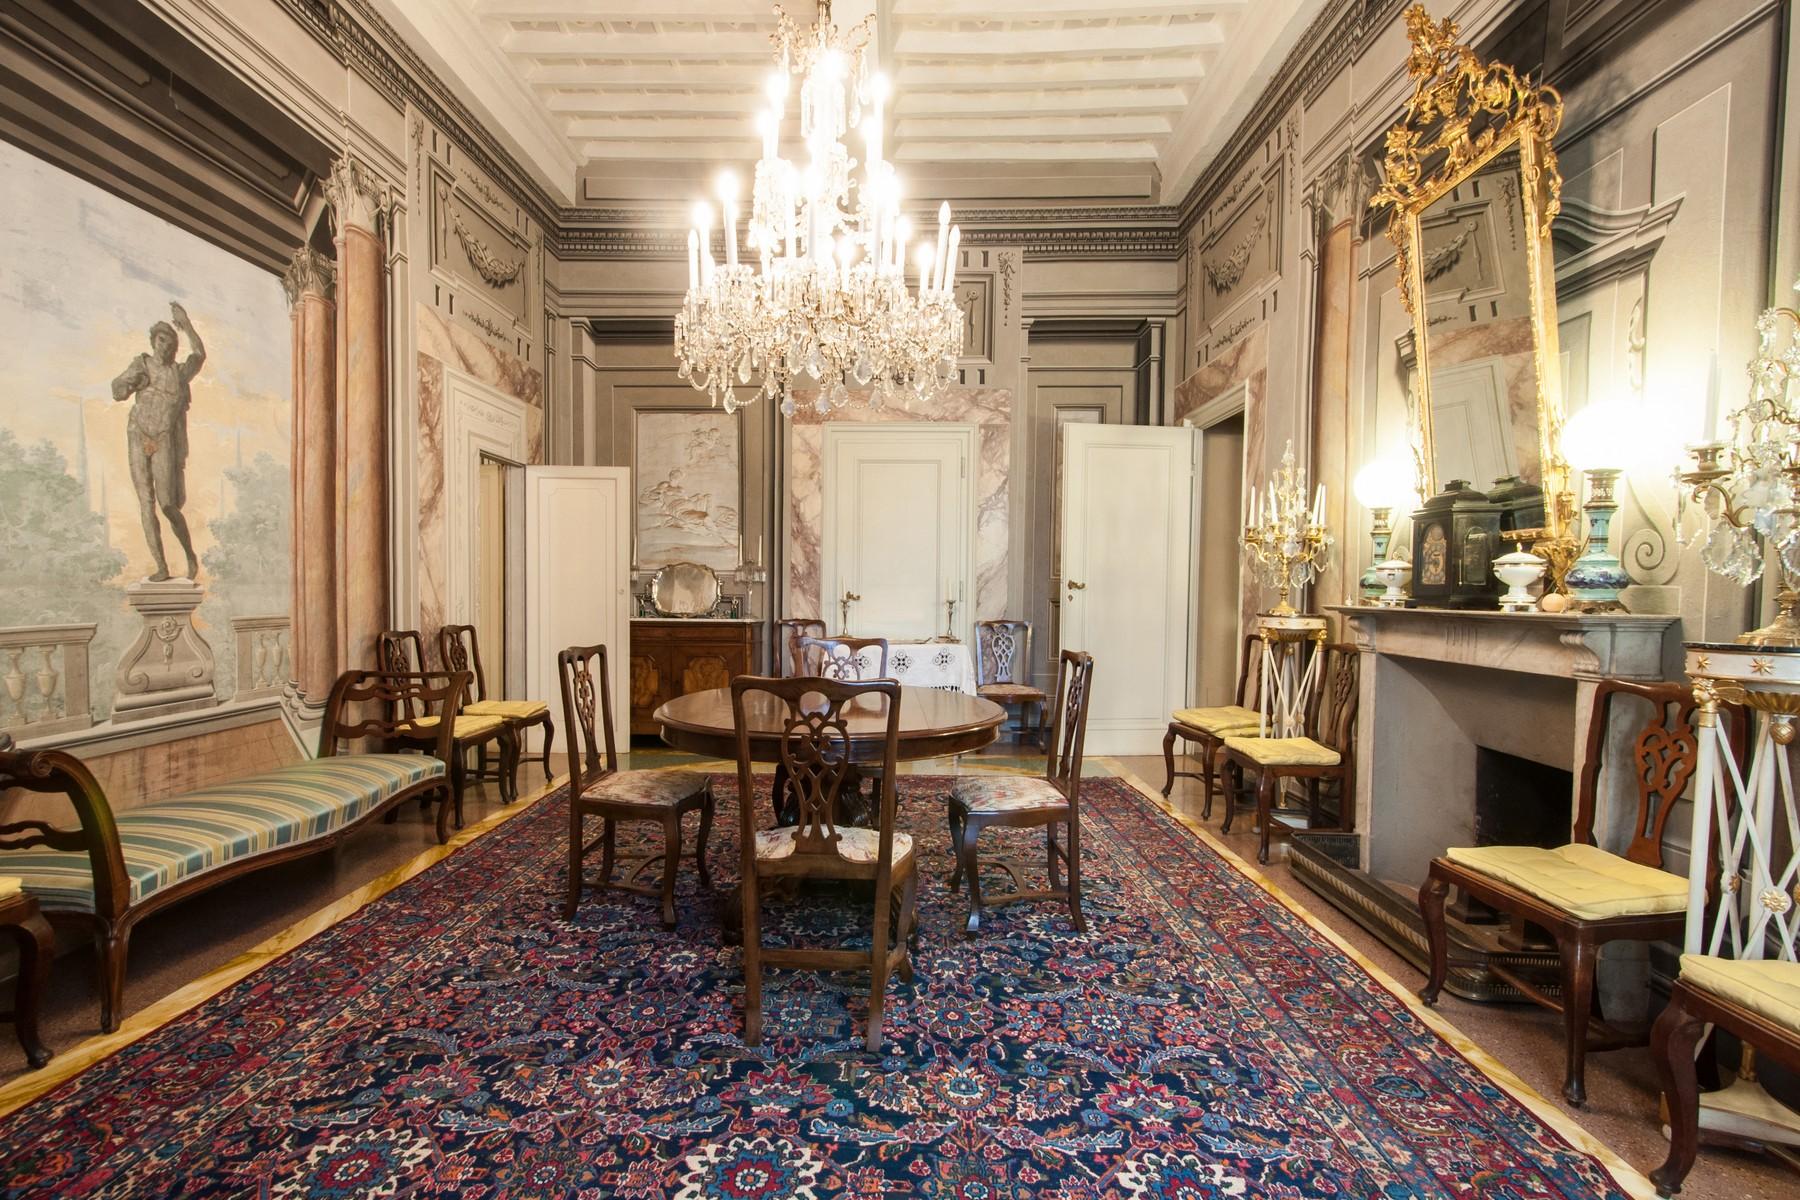 Additional photo for property listing at Prestigious apartment with frescoes Piazza San Francesco Prato, Prato 59100 Italy